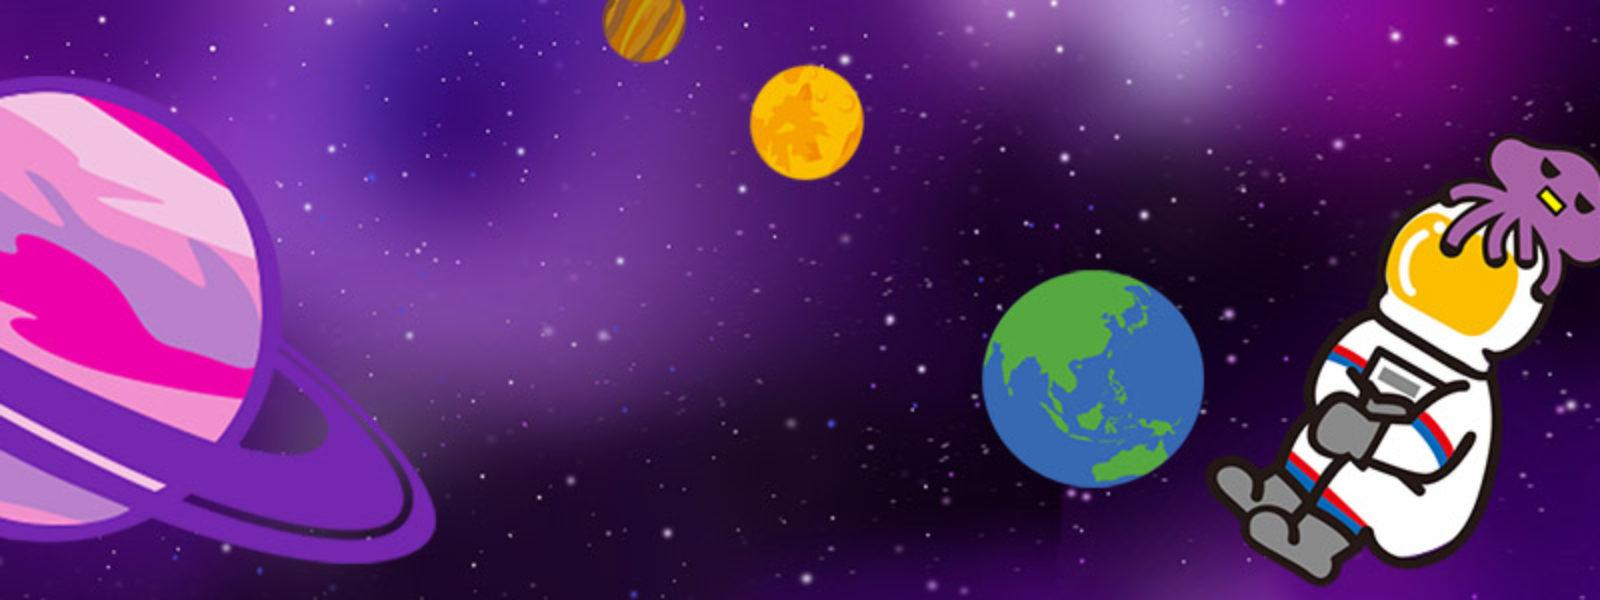 ★宇宙の城からコンニチワ★幼児から大人まで宇宙を楽しみ学びにつなげるお手伝い